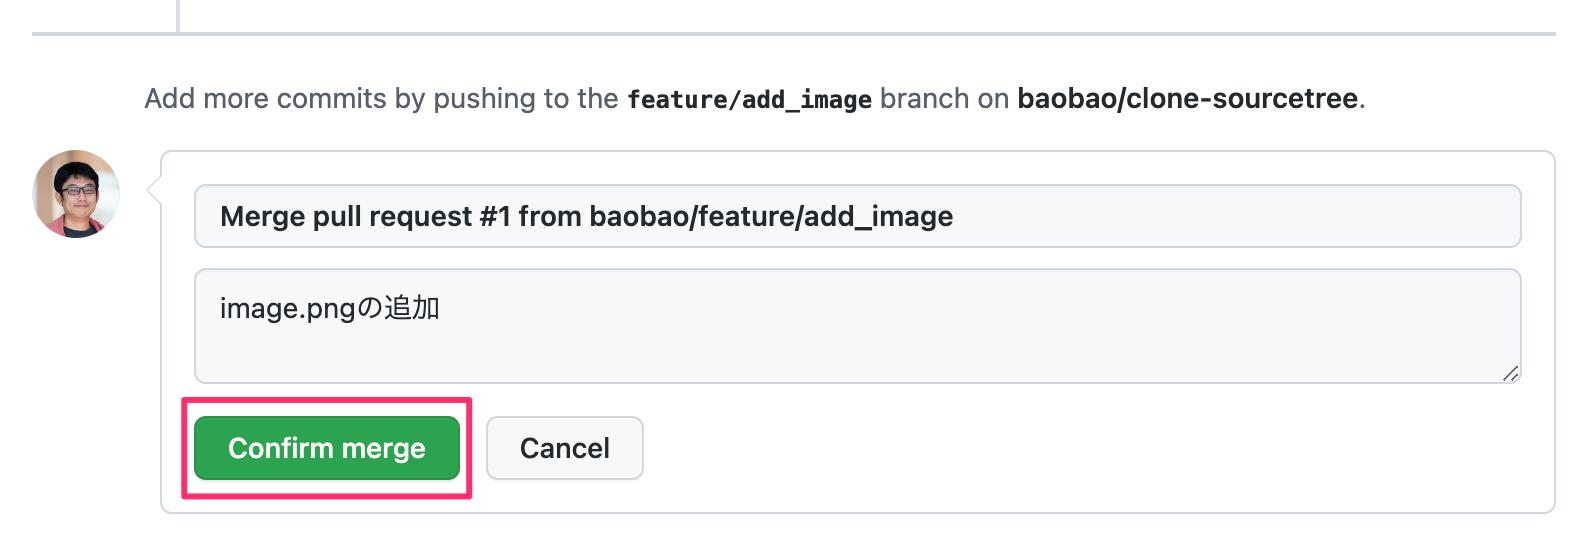 【基礎その1】UIデザイナーがUnityに画像を追加してGitHubにアップロードする方法_29